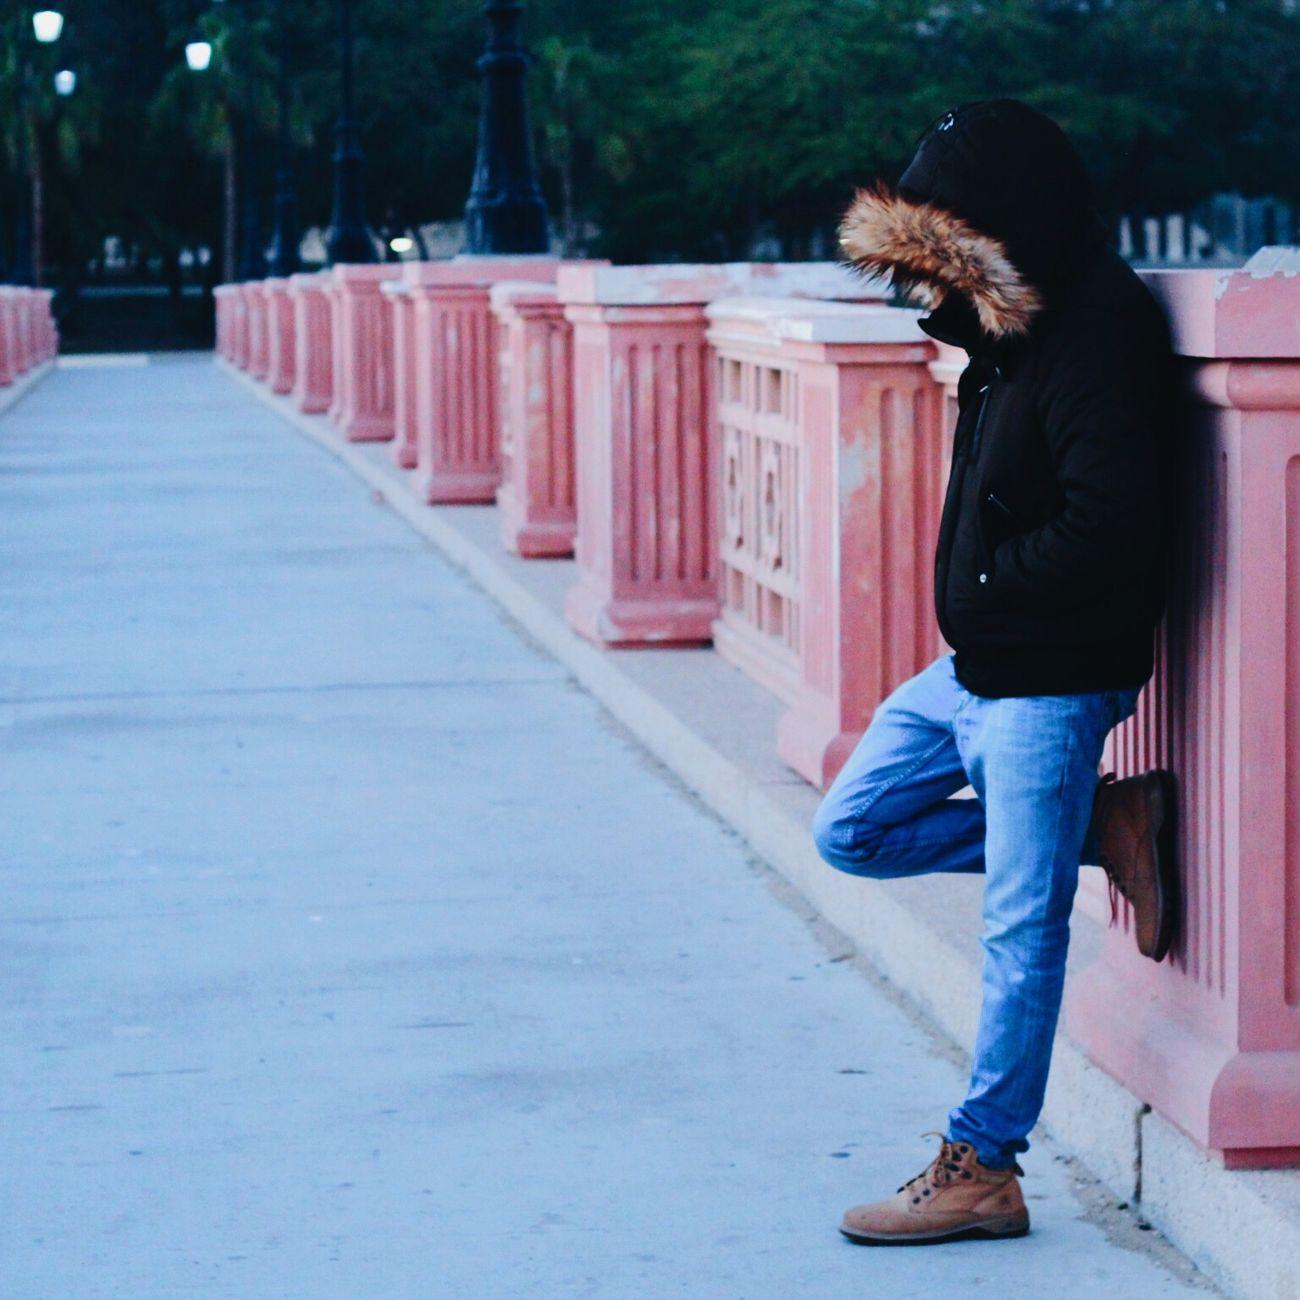 Model Taking Photos Winter تصويري  انتظر واسولف للشتاء واقول باكر تحنّ ?❄️.